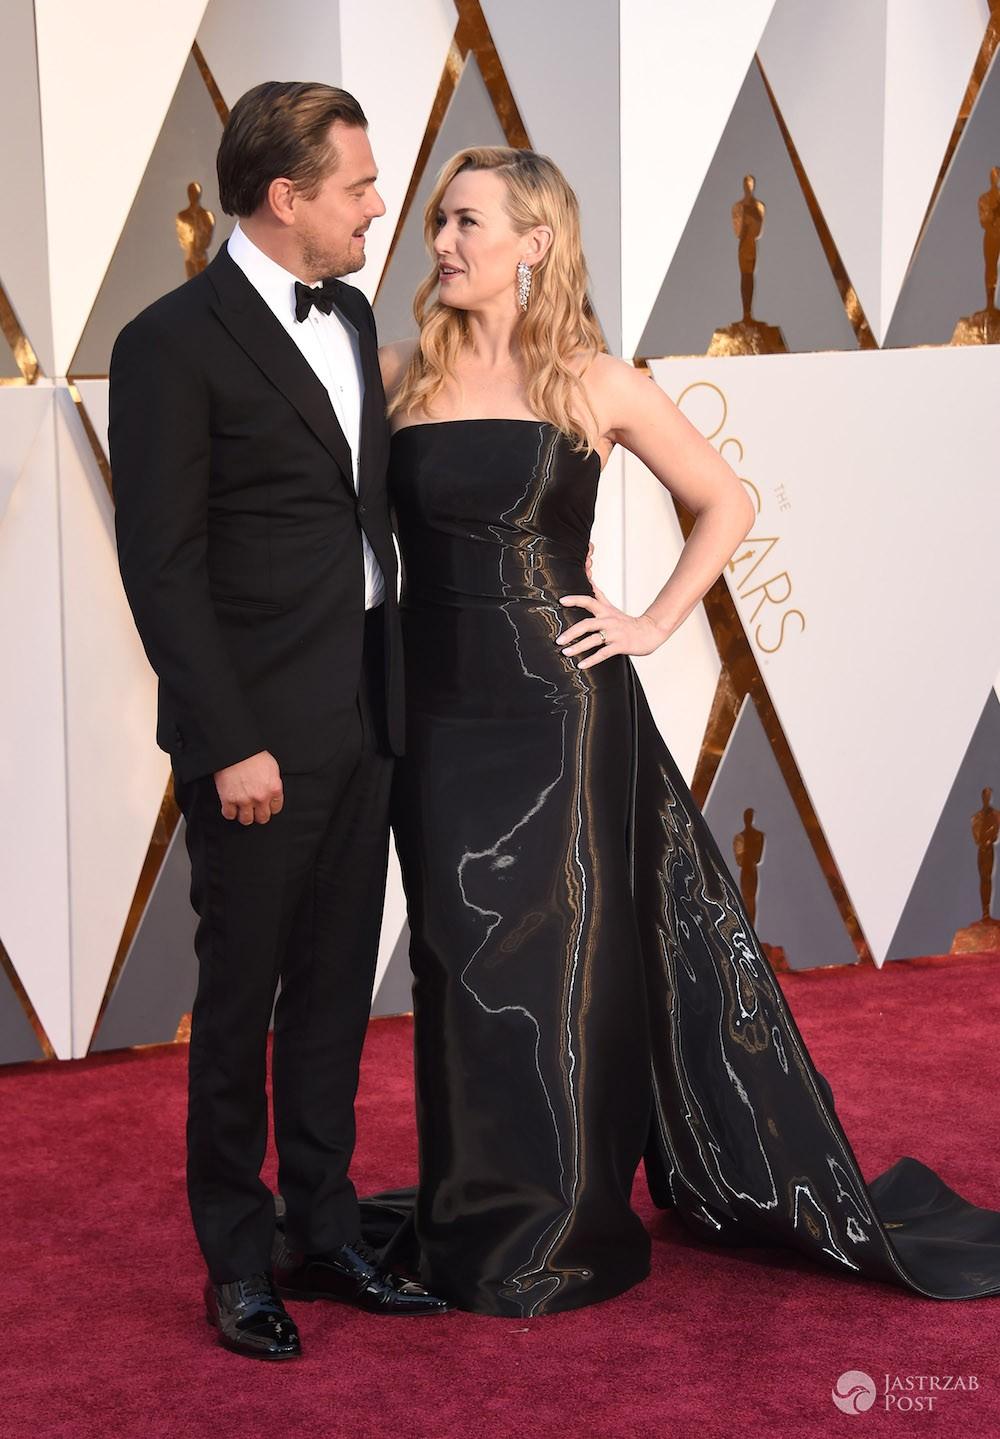 Kate Winslet i Leonardo DiCaprio są parą w życiu prywatnym?